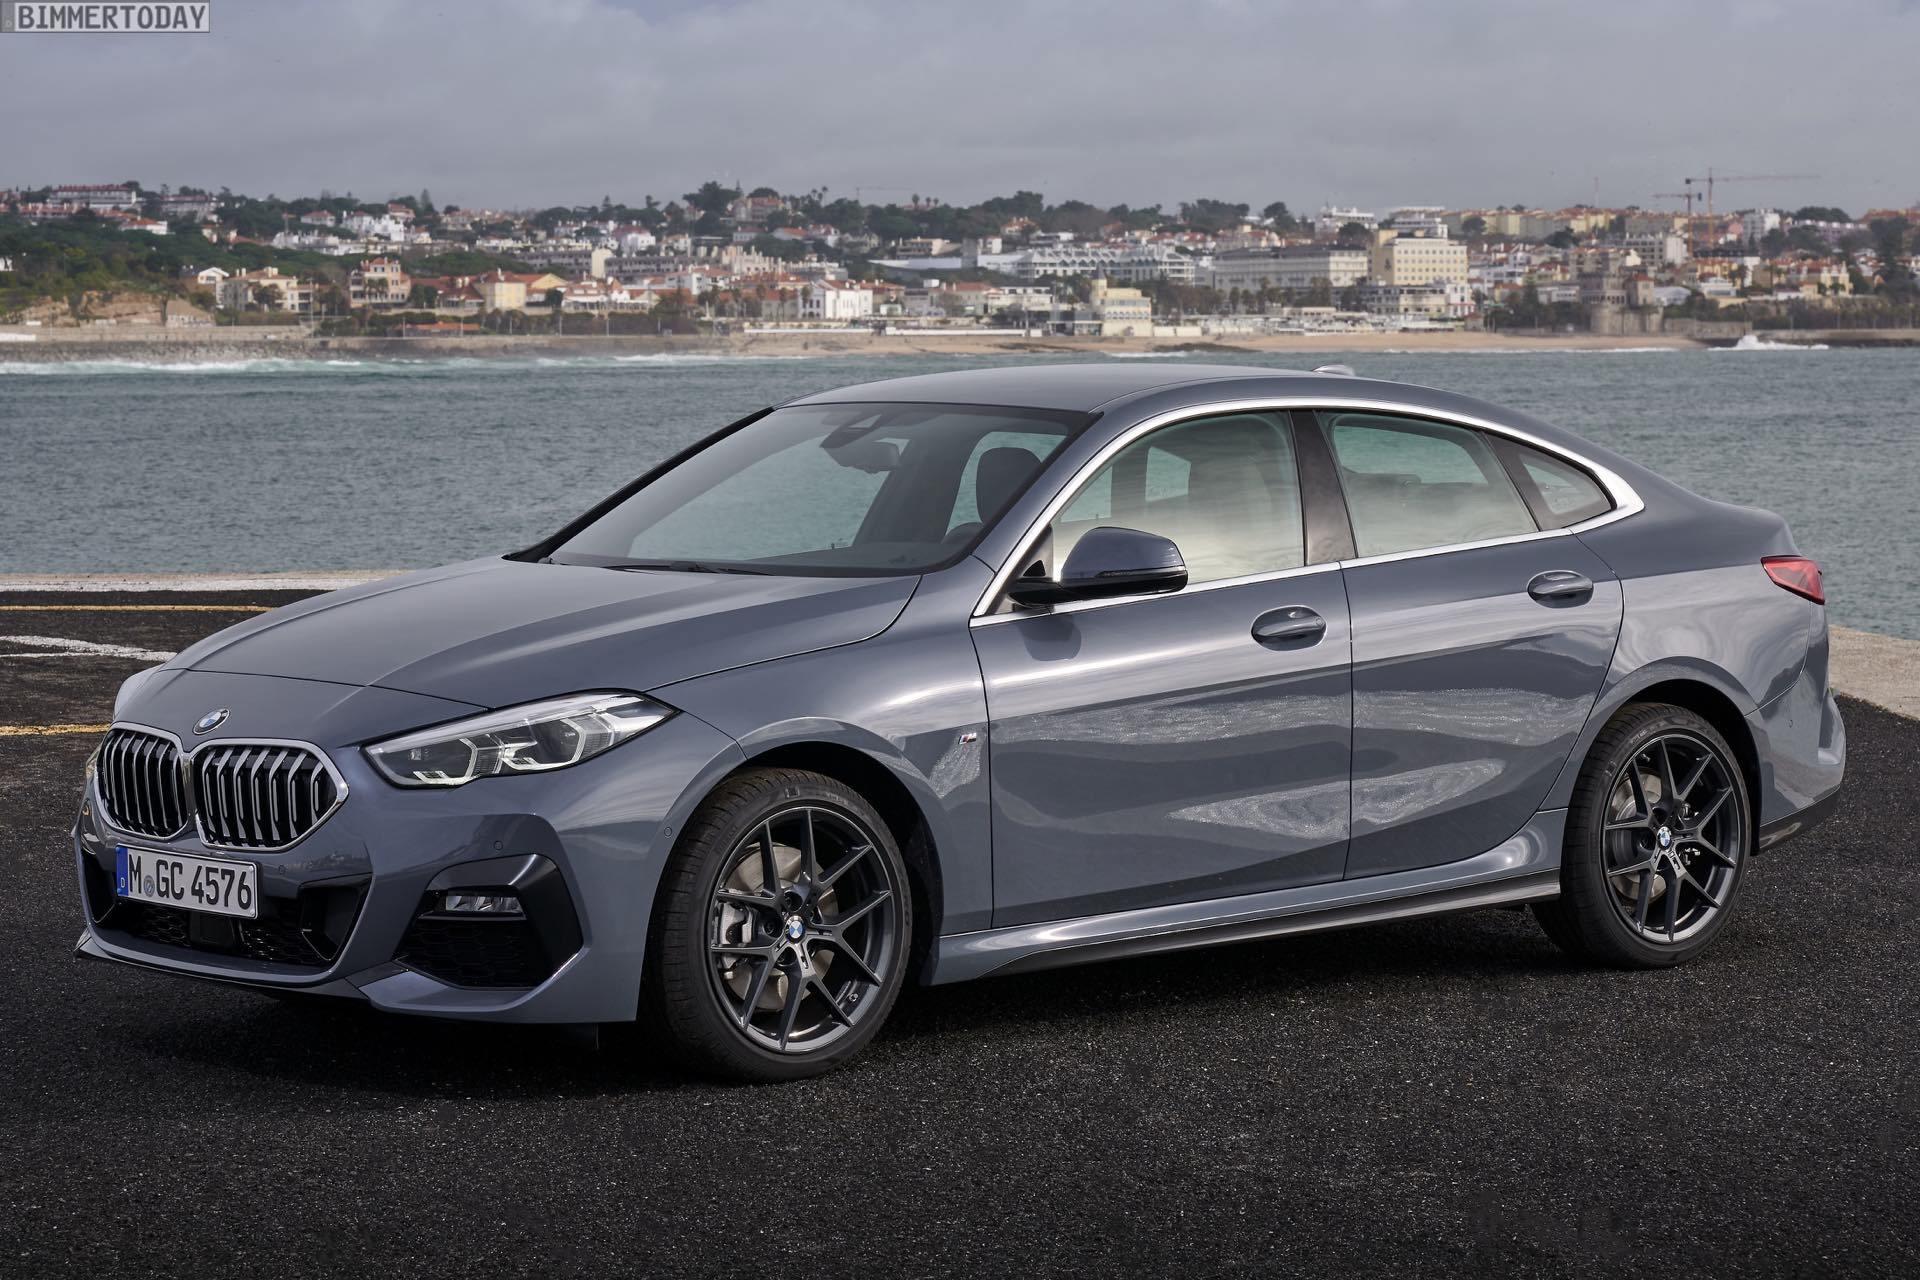 2020 BMW 220D Xdrive Review